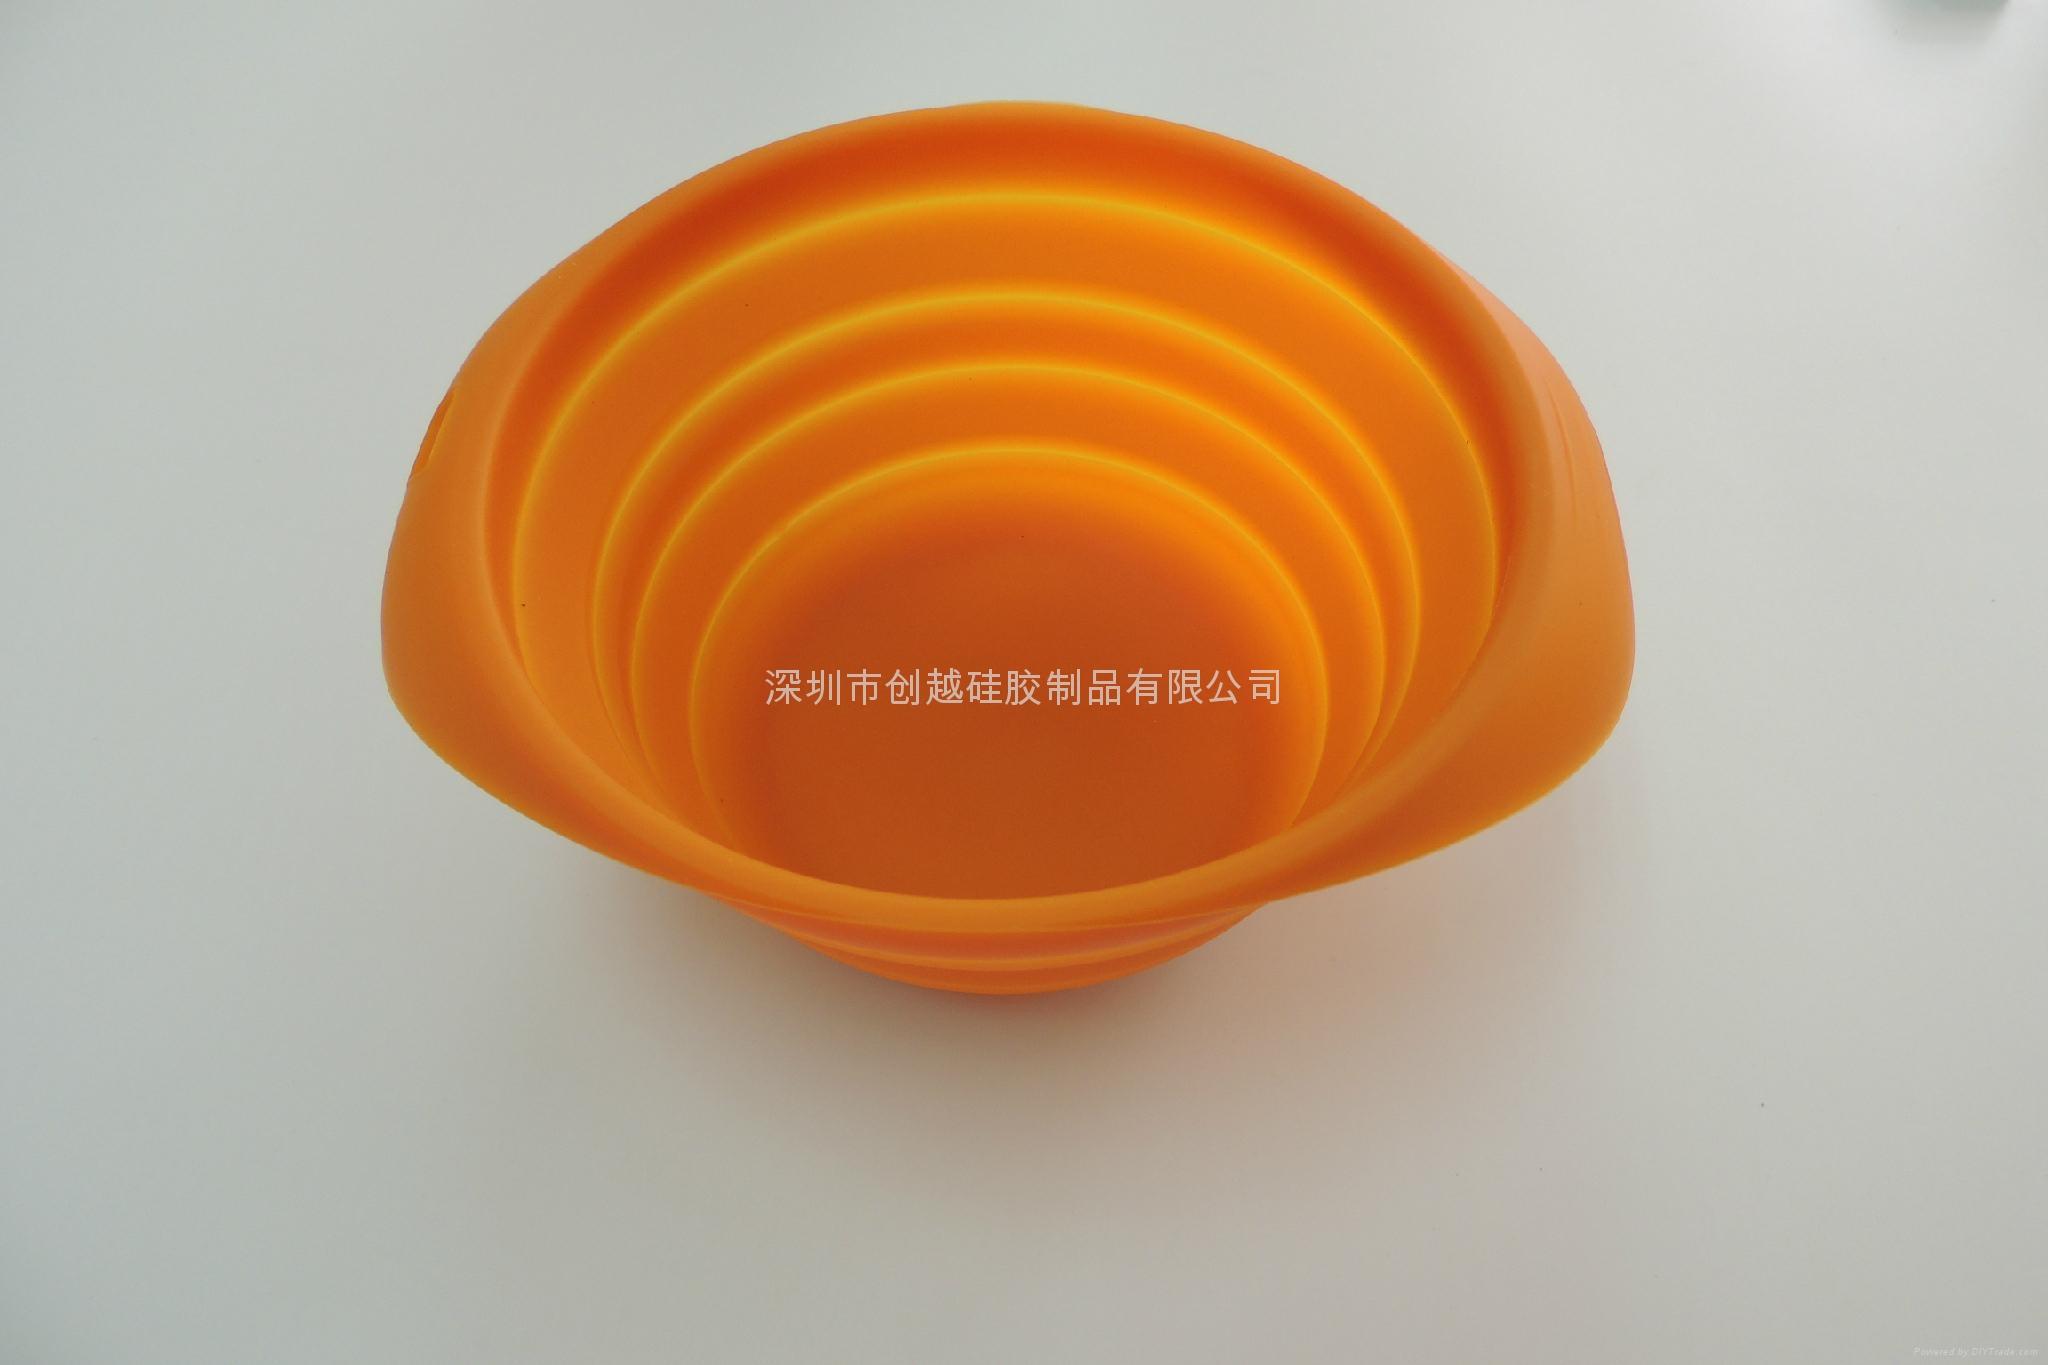 新款硅膠寵物折疊碗  2